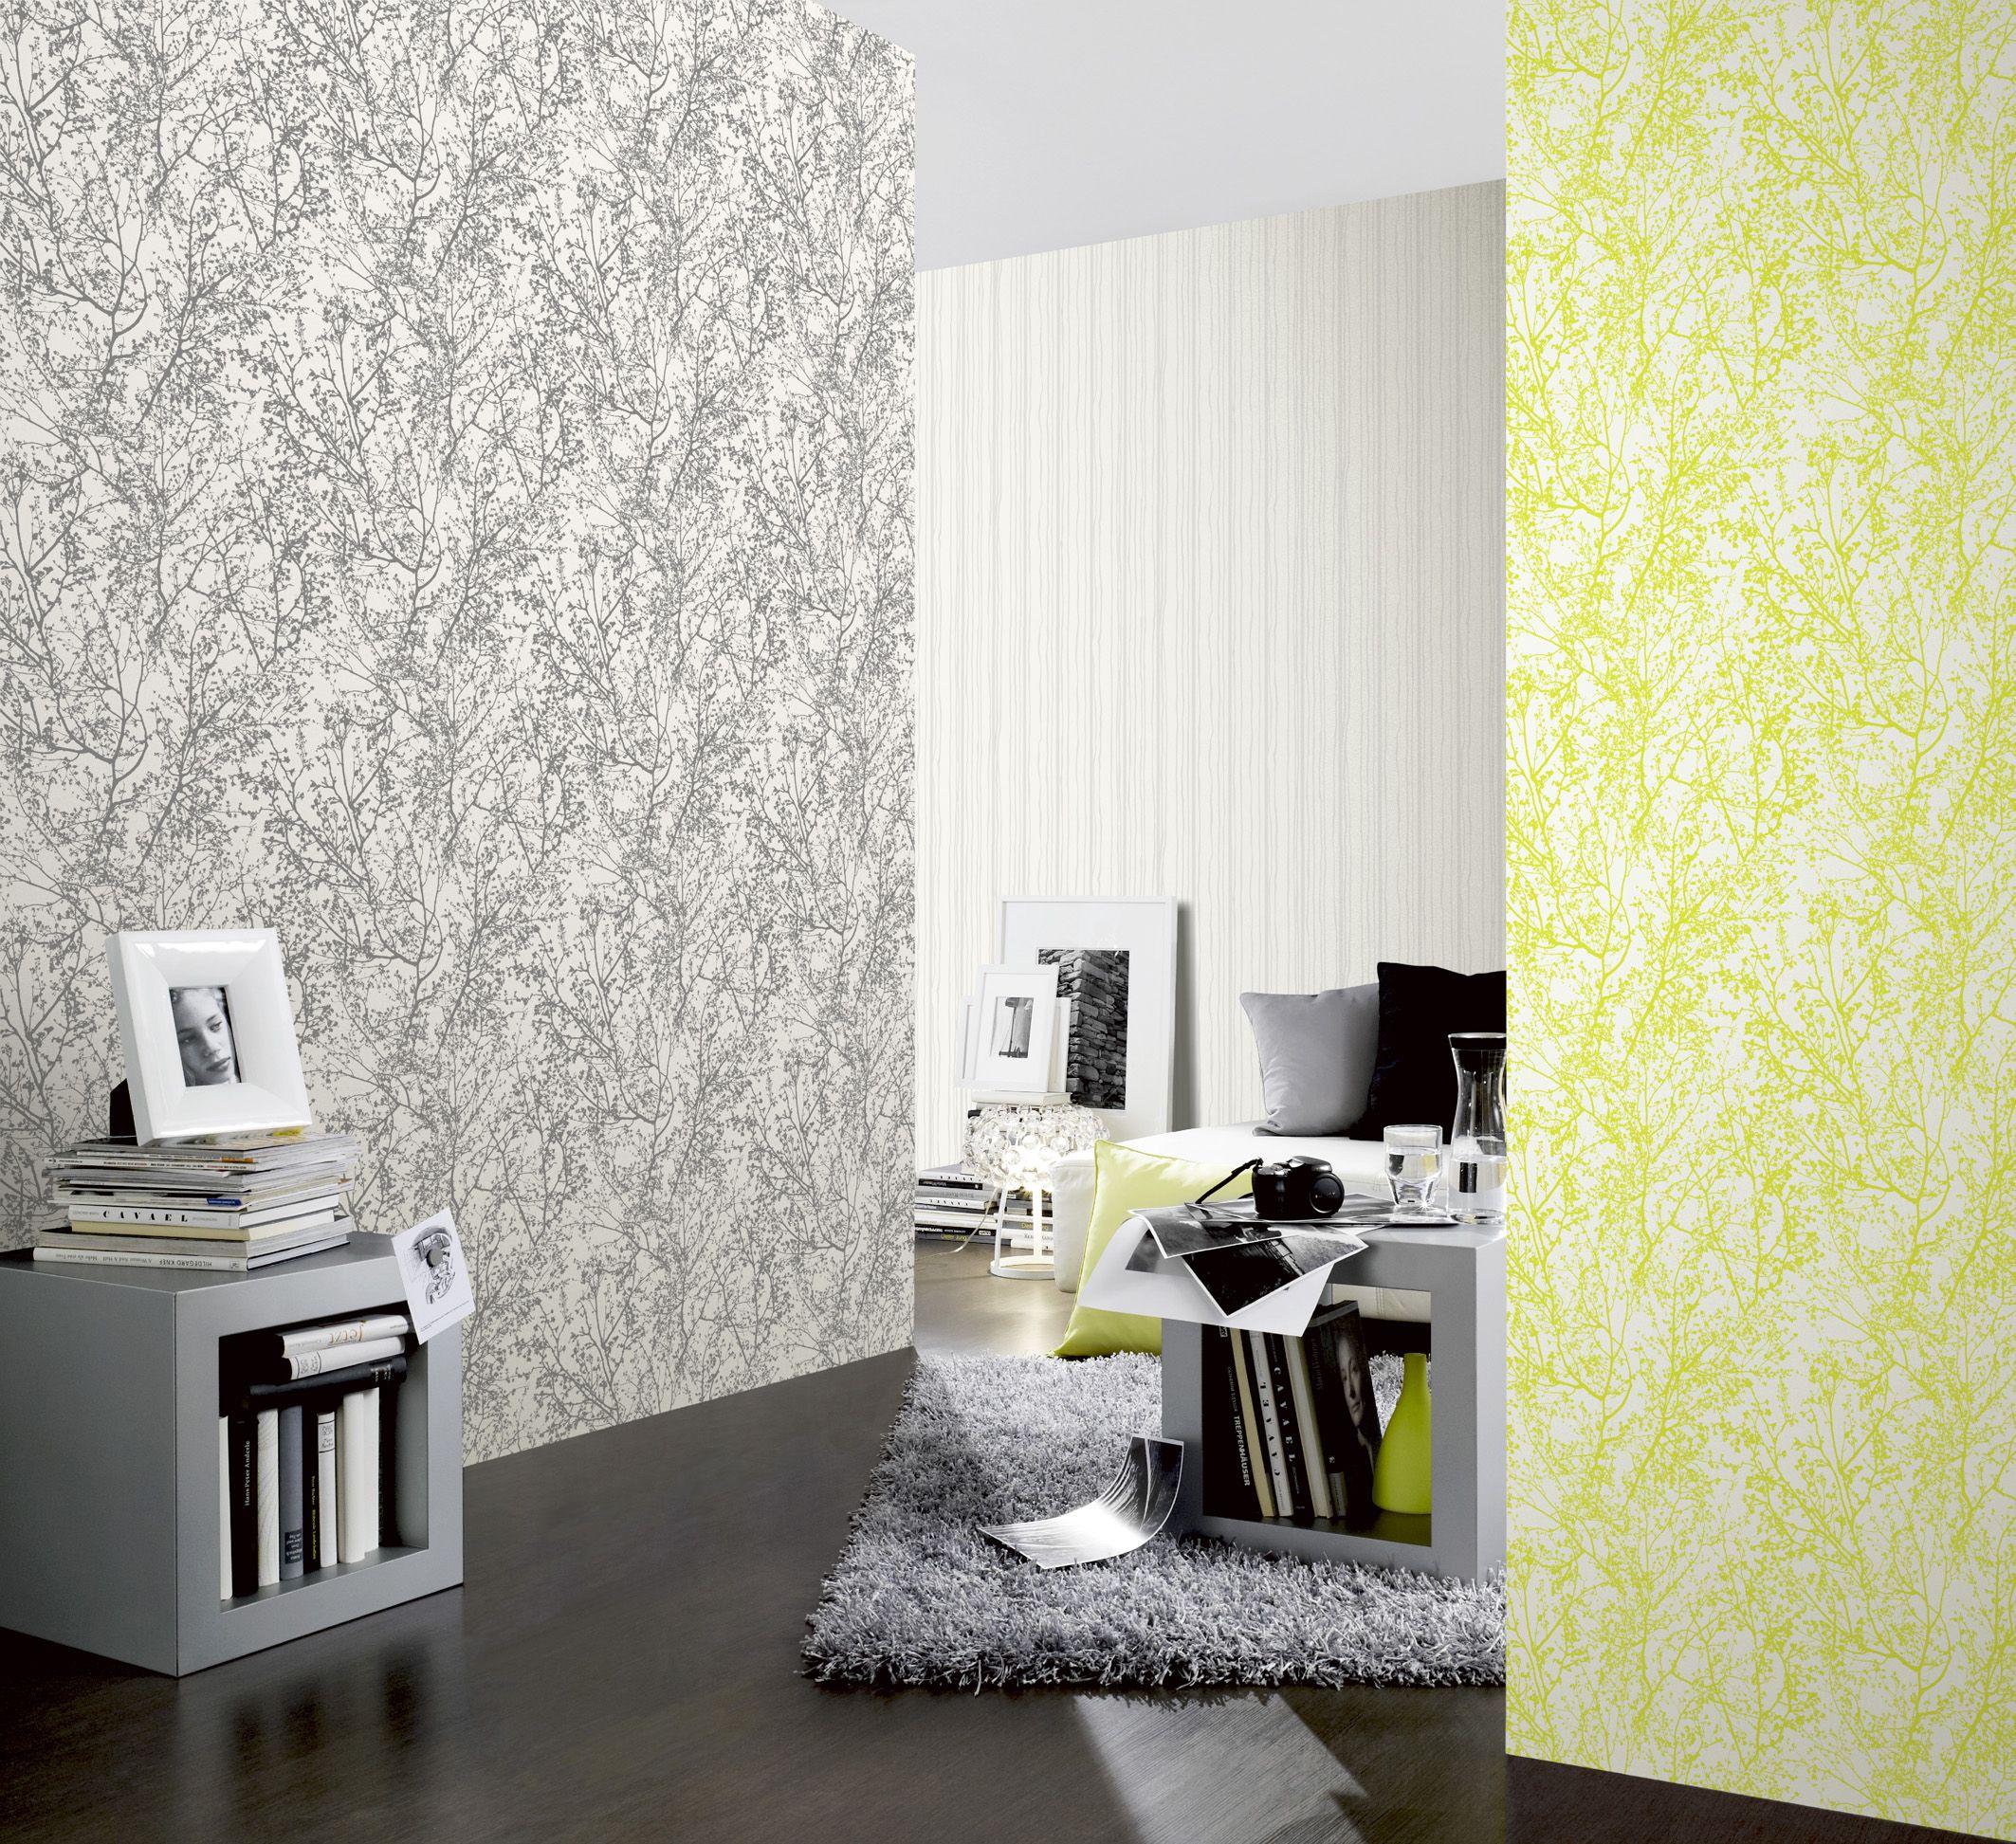 """In der Kollektion """"Graphics Alive"""" von P+S trifft frisches Grün auf zurückhaltendes Grau und sorgt für einen jungen und trendigen Look in den eigenen vier Wänden."""